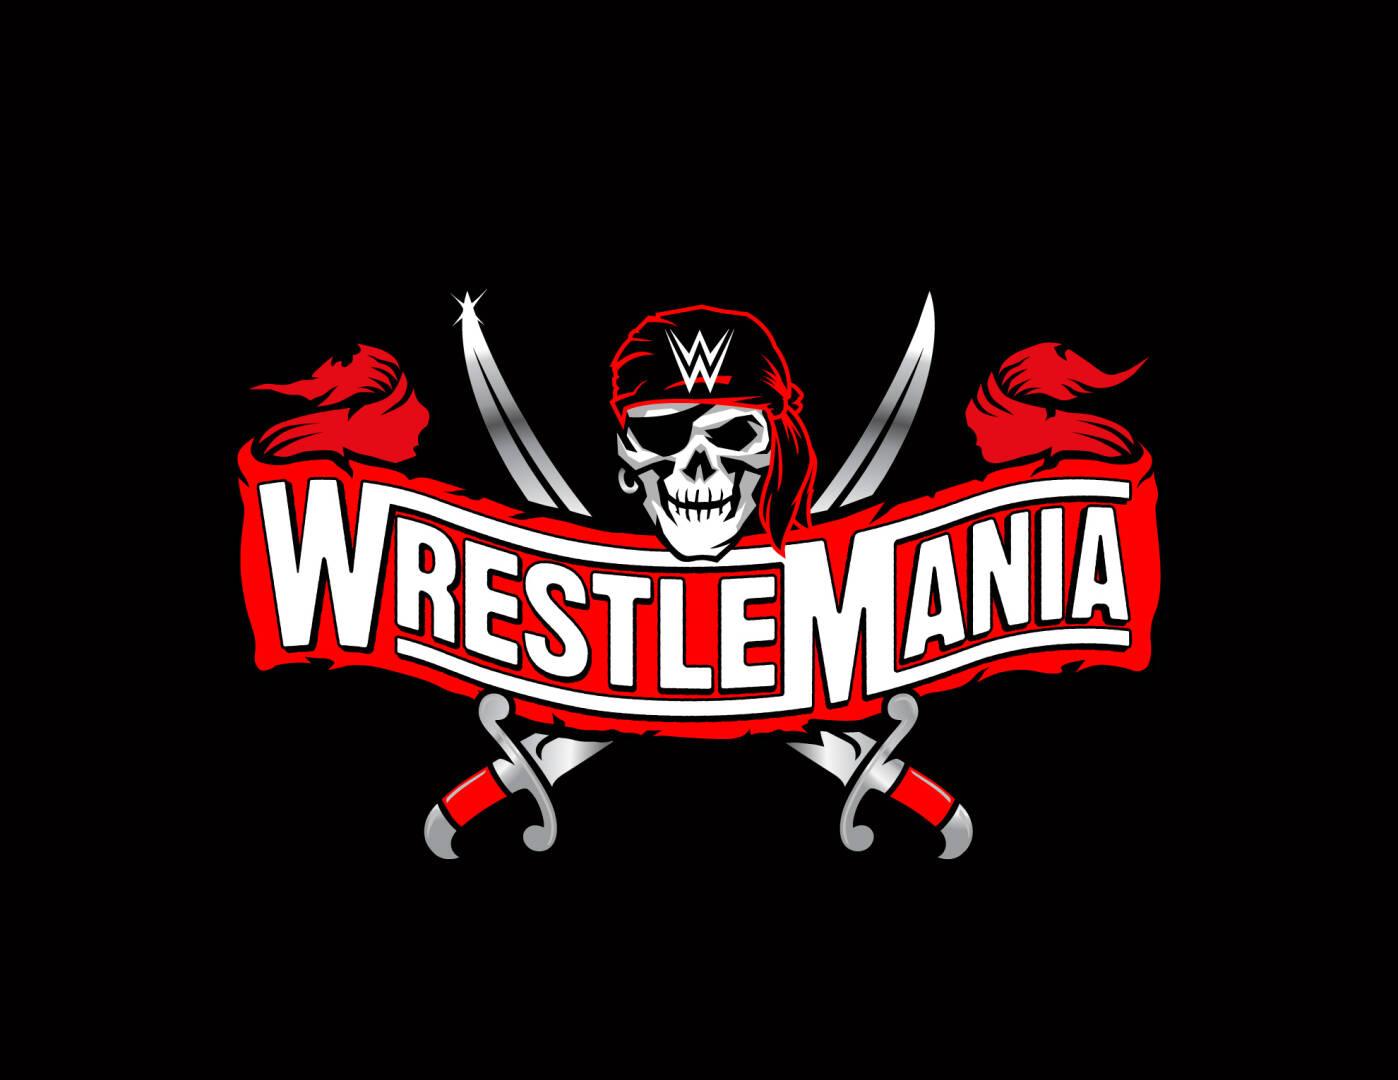 Il logo ufficiale, dal design piratesco, dell'edizione di quest'anno di WrestleMania